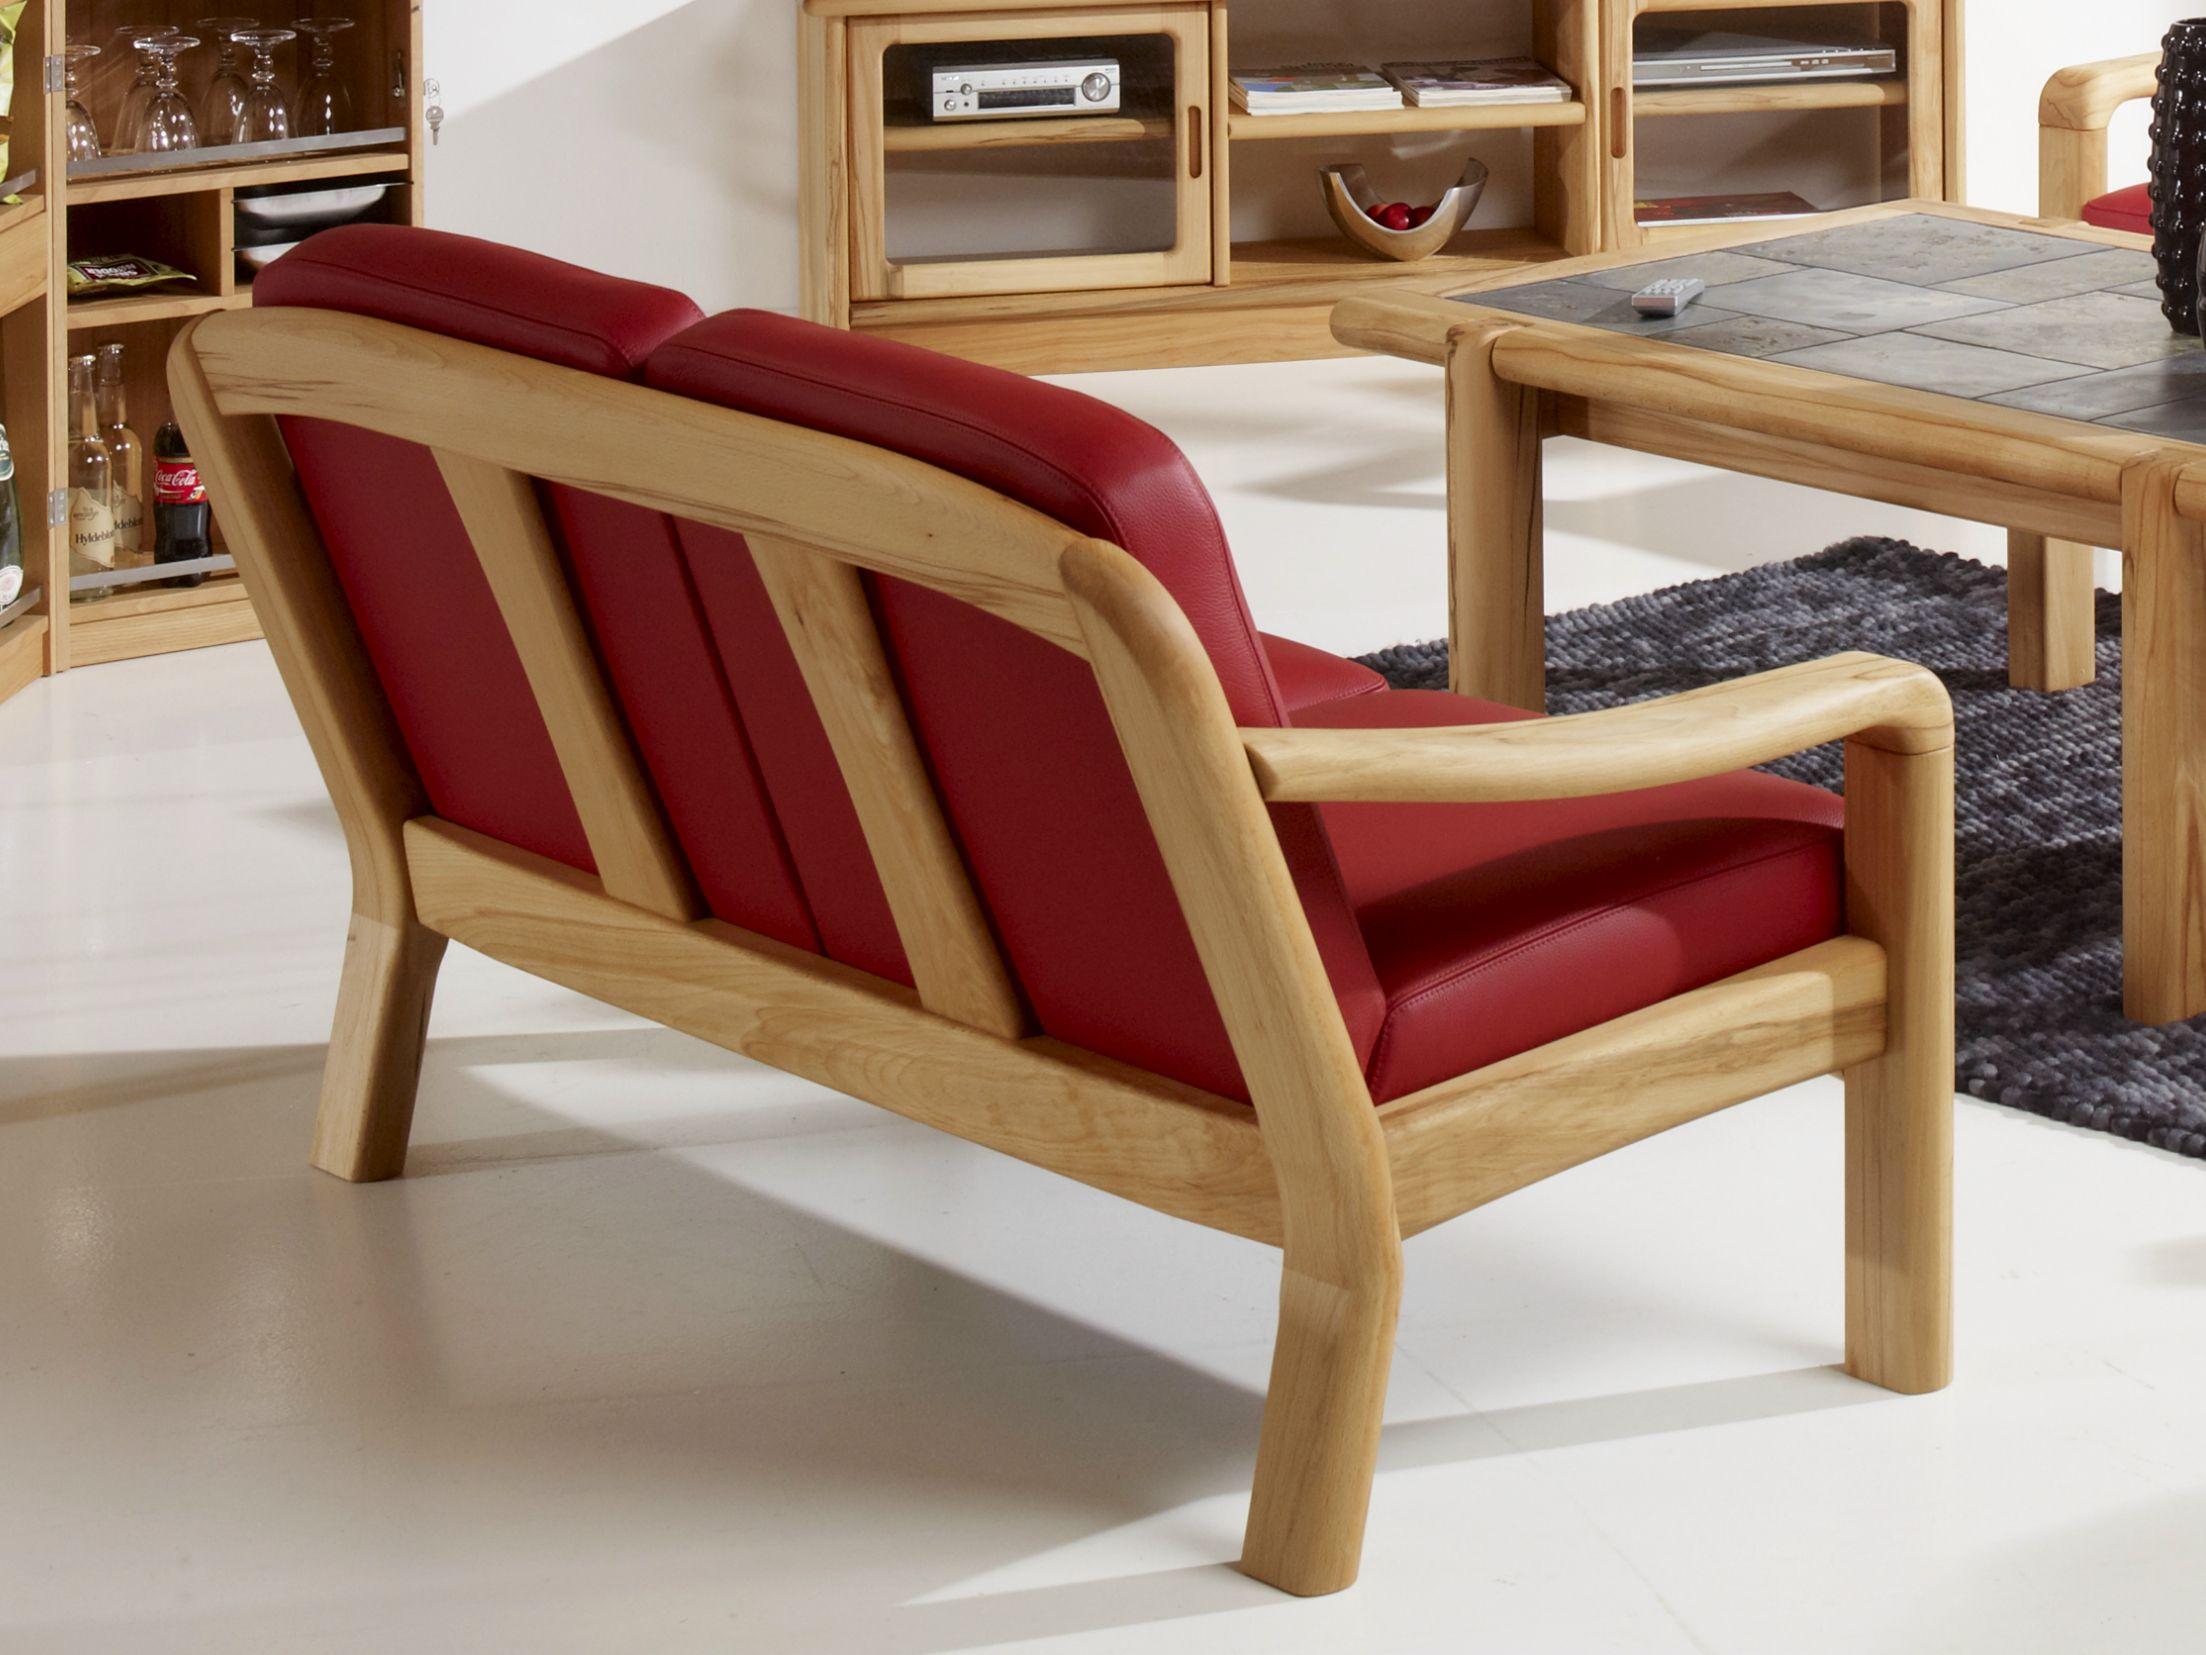 Sofabett holz  1240A | 3 seater sofa By Dyrlund